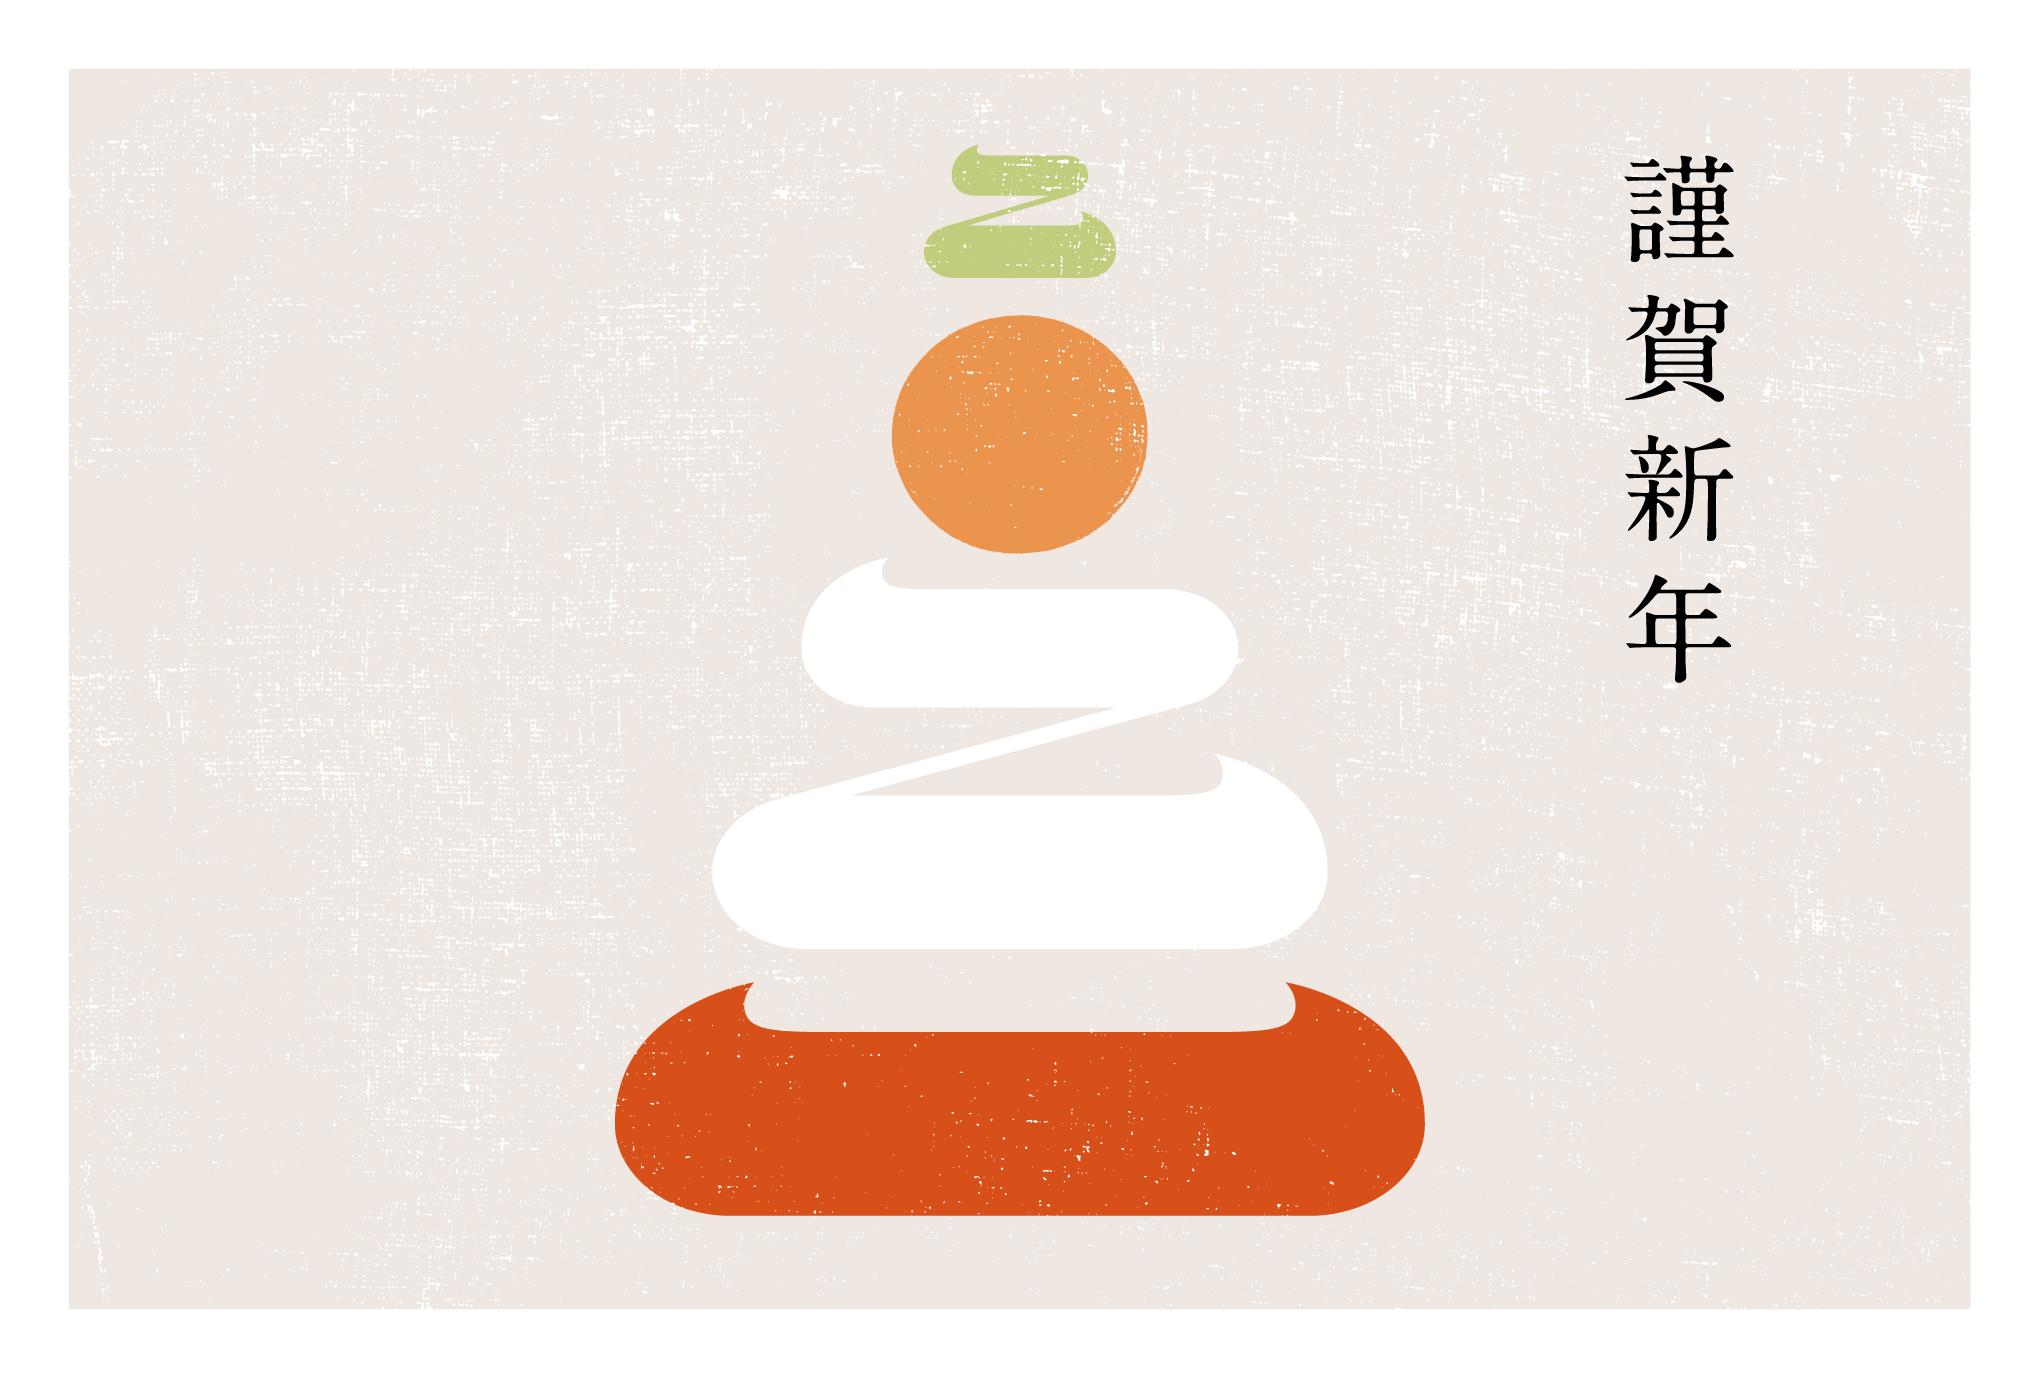 2021年賀状23-1:鏡餅二〇二一(謹賀新年)/ Aのダウンロード画像